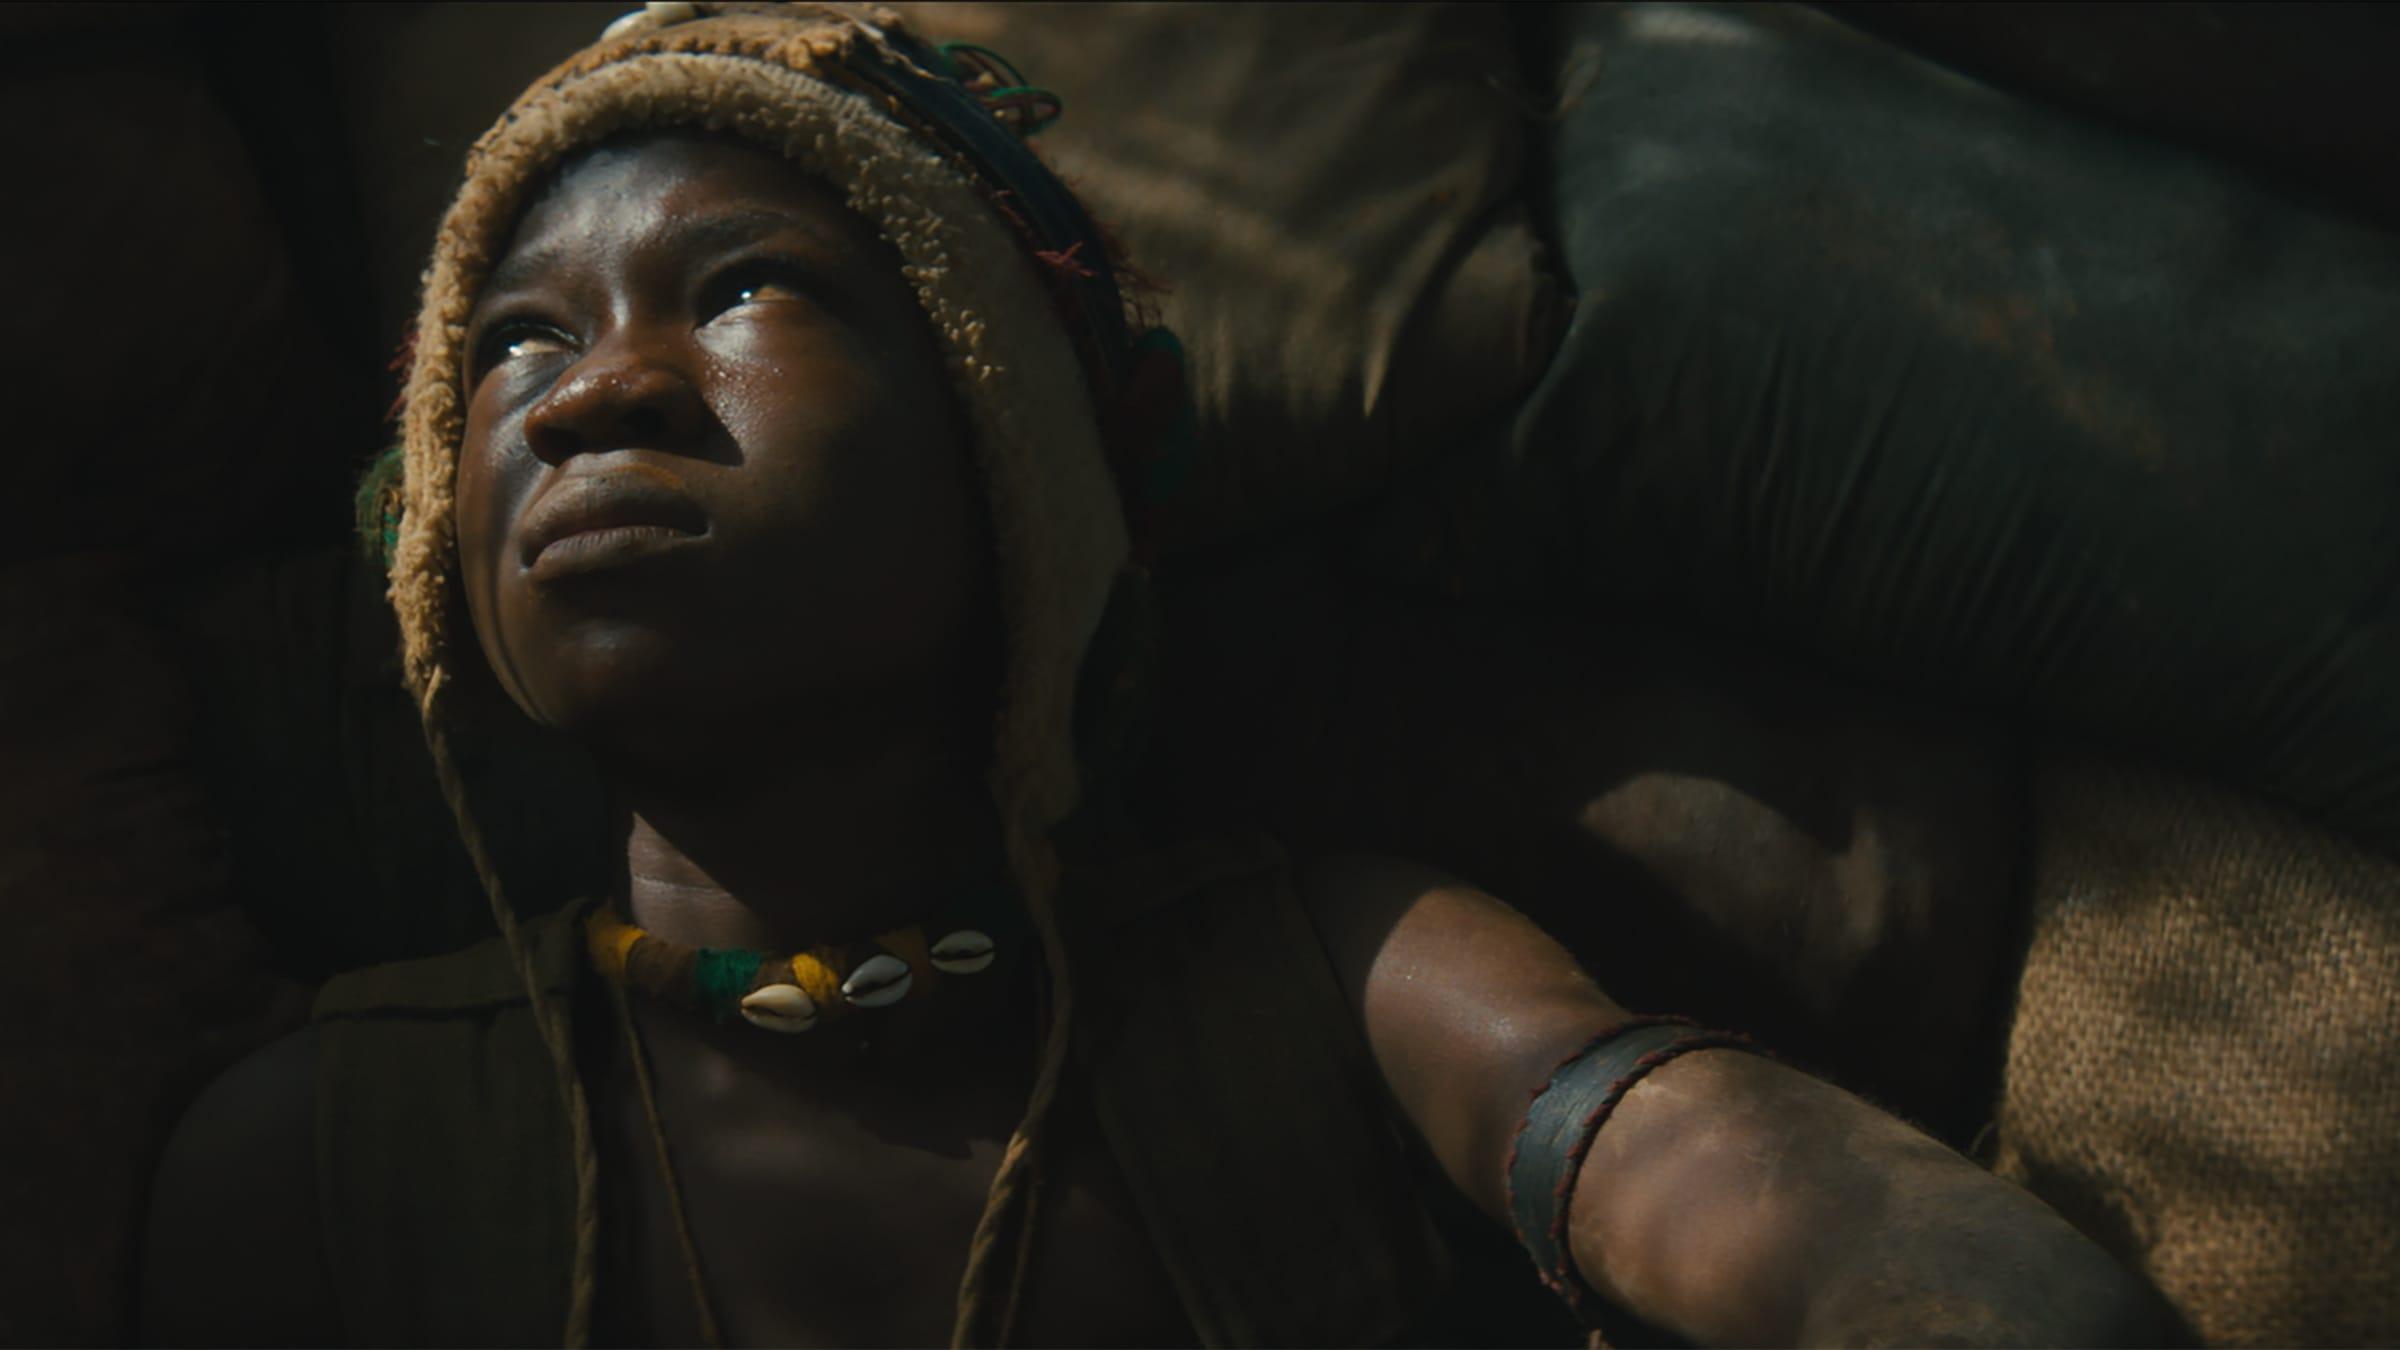 <em>Beasts of No Nation</em><em>:</em> A Different Kind of African War Film